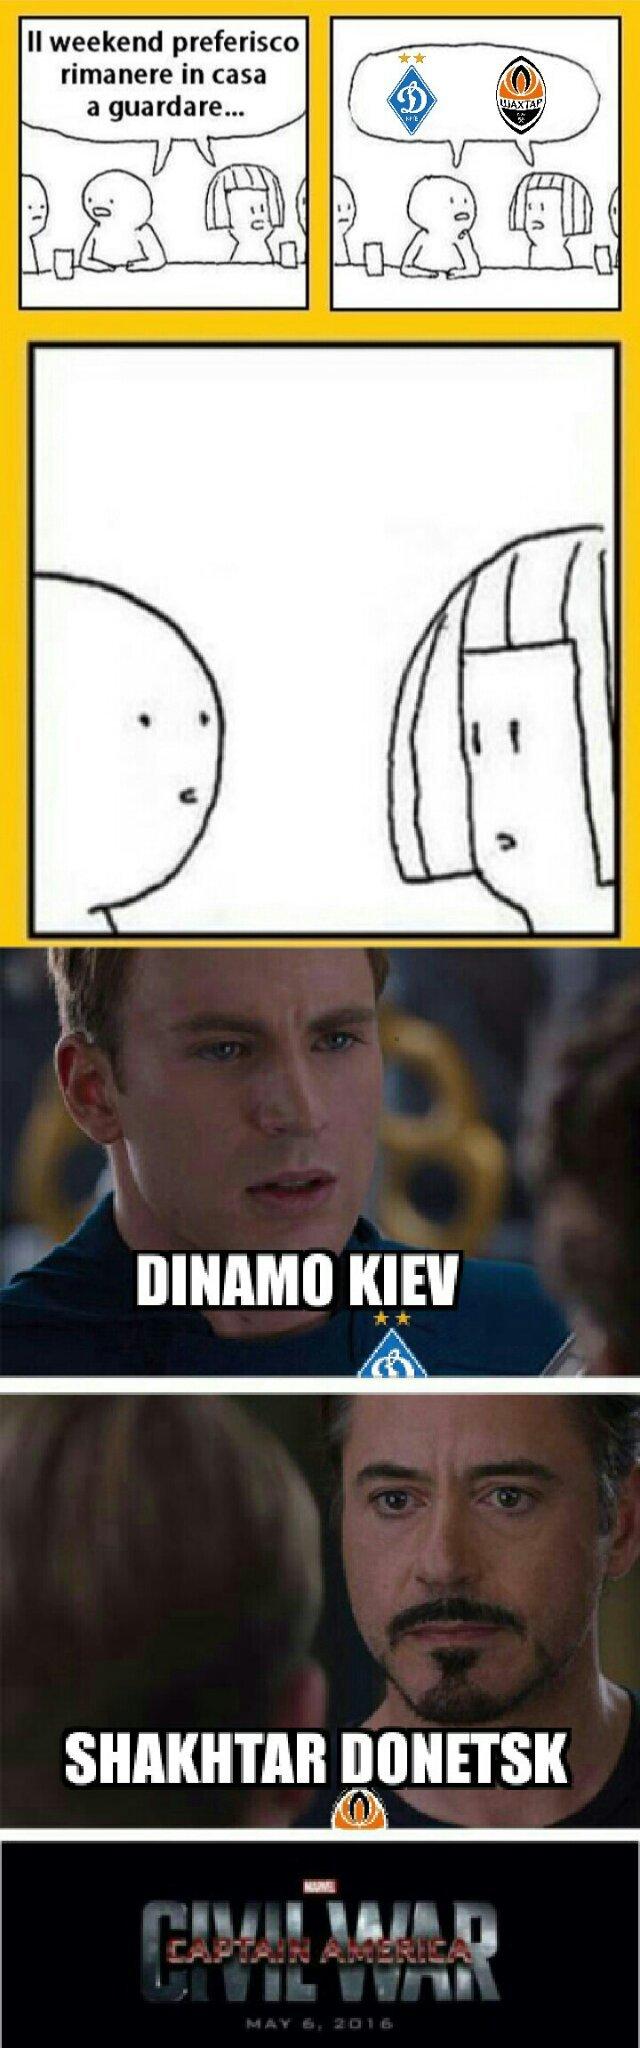 Ccezionale - meme